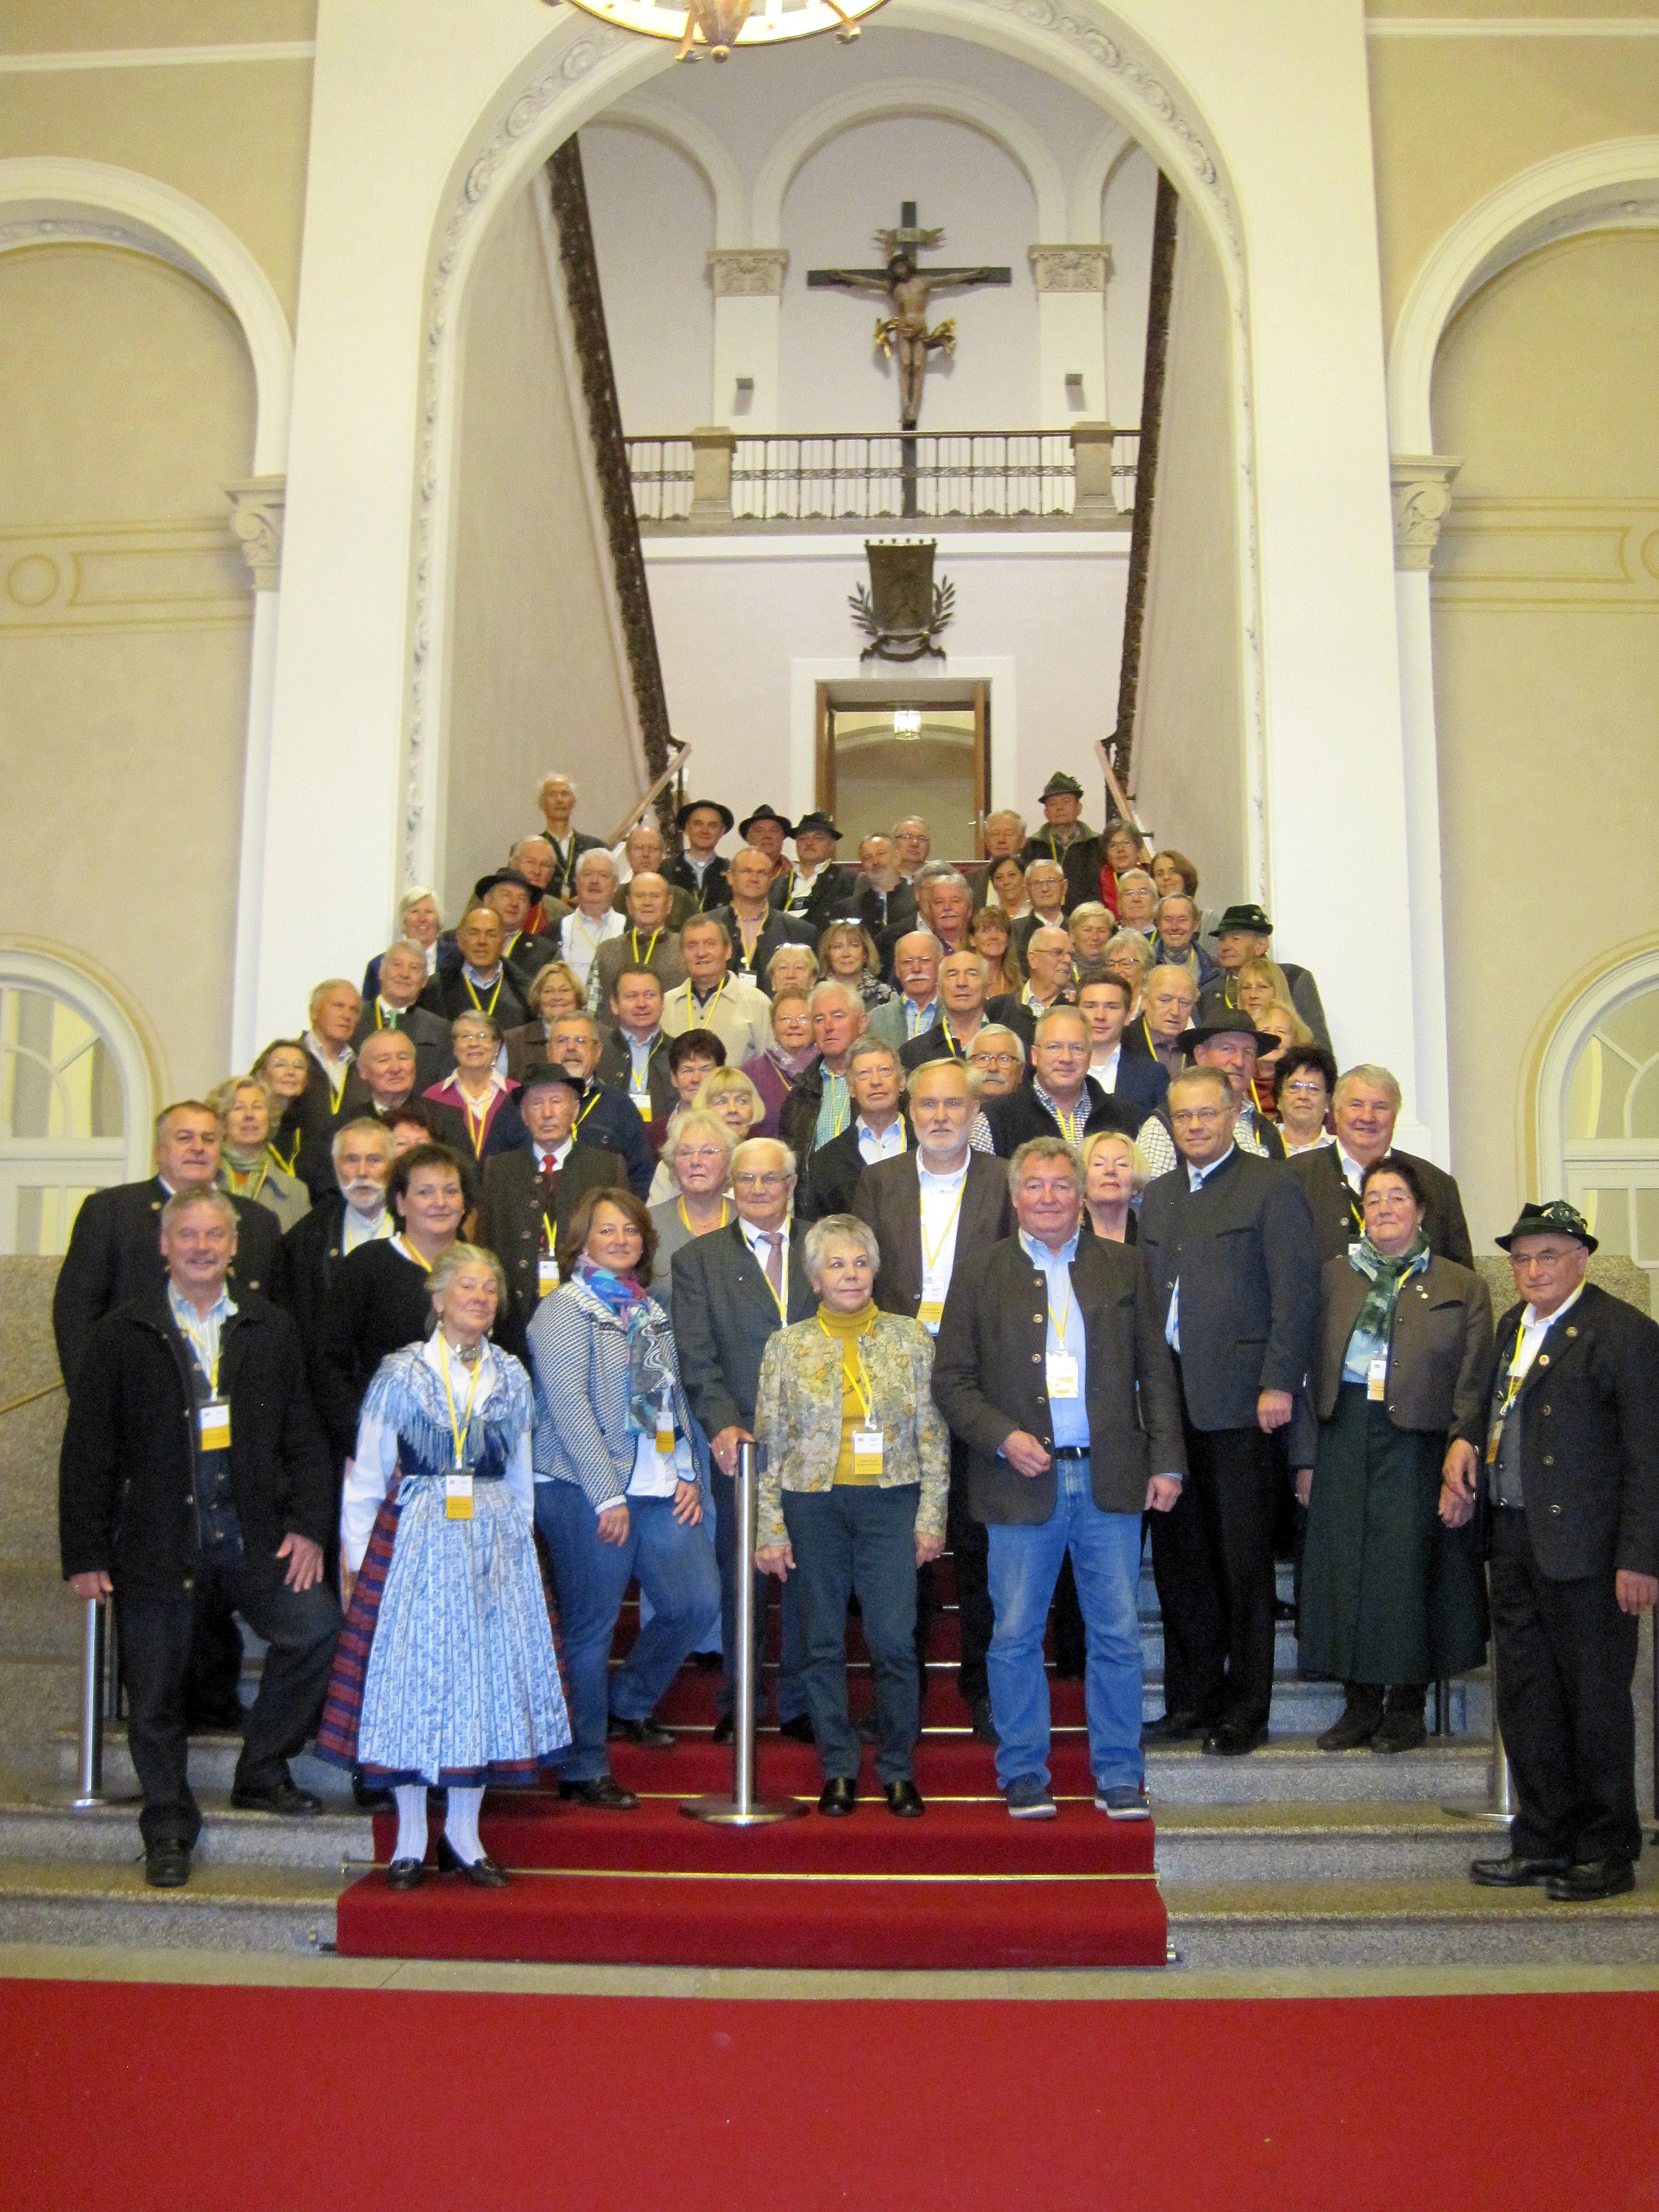 Bürgerinnen und Bürger aus dem Landkreis Garmisch-Partenkirchen, 11.11.2016